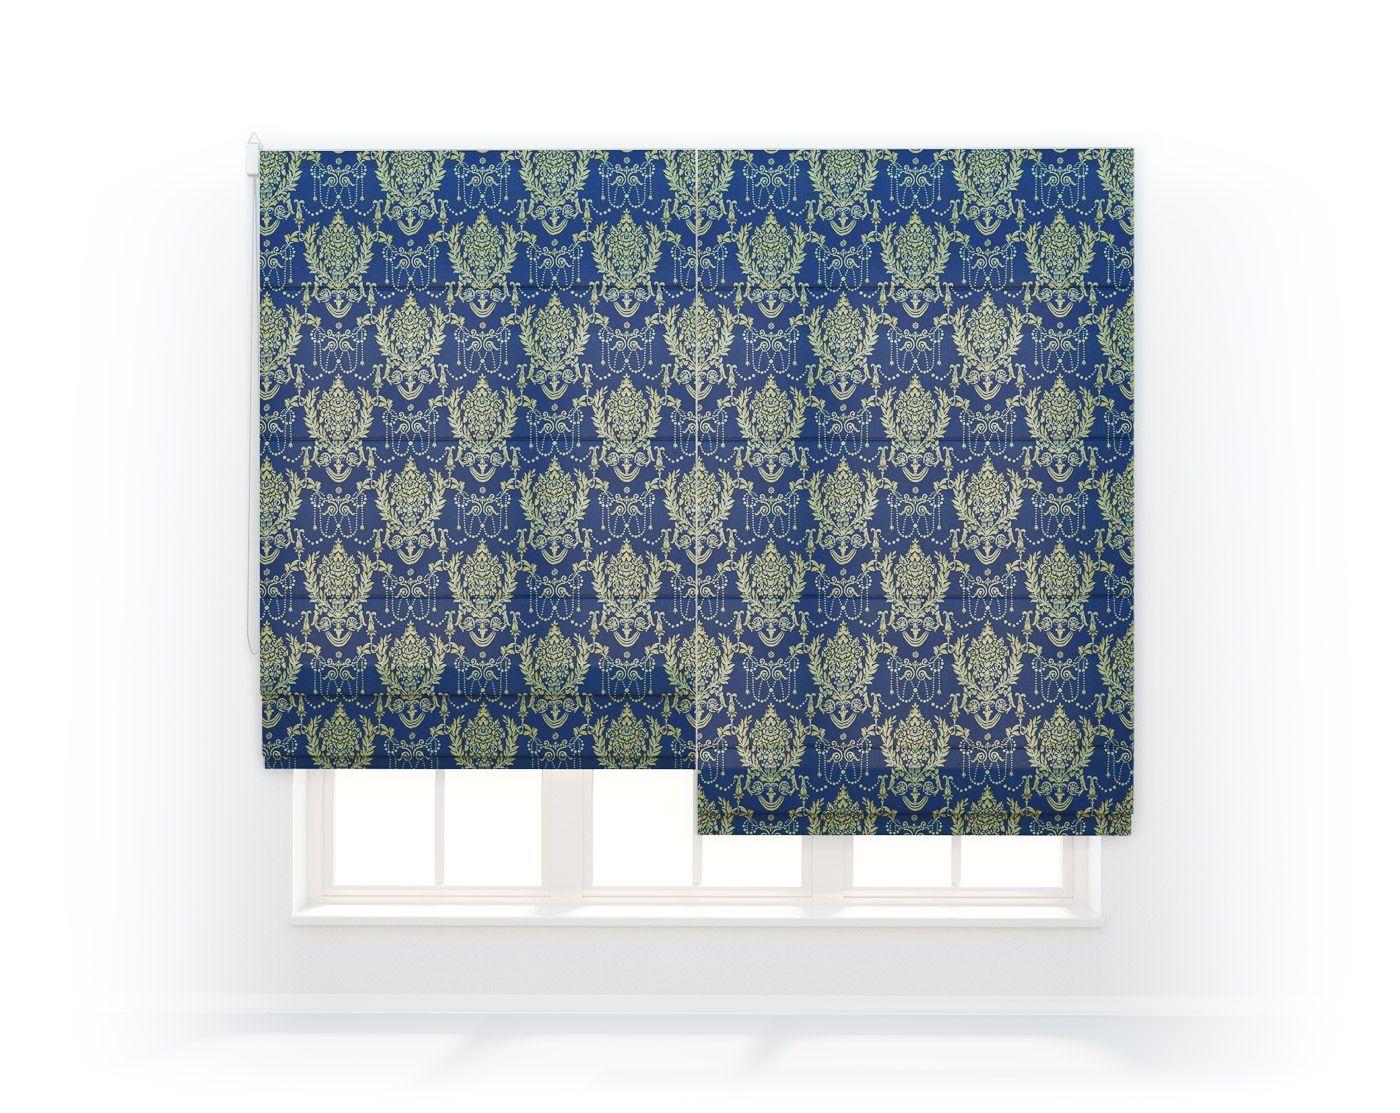 Римские шторы Louis D'or, 2377/40